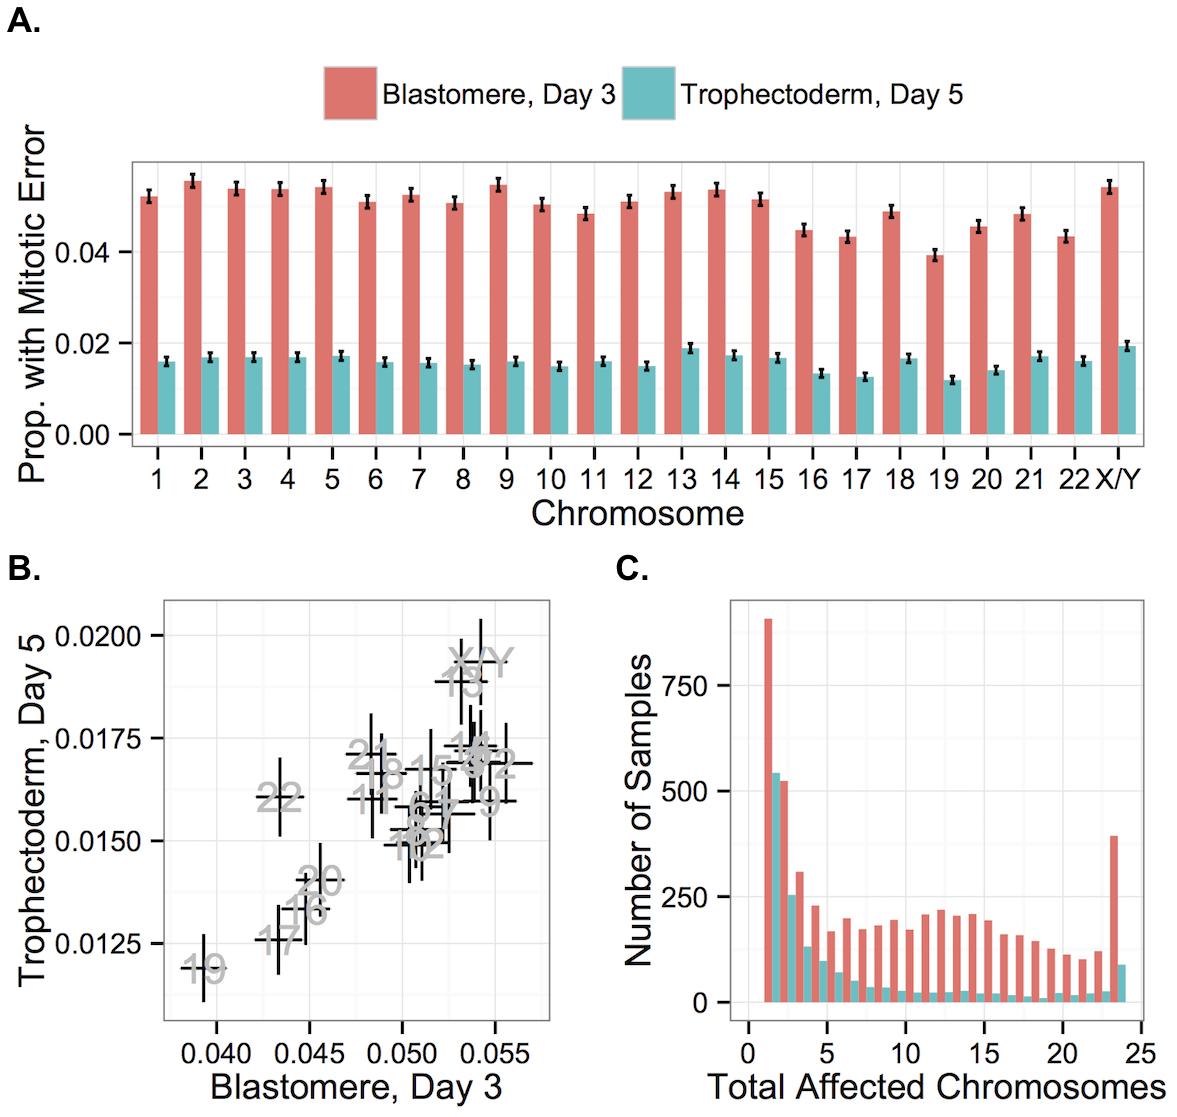 Chromosome-specific rates of aneuploidies of putative mitotic origin.